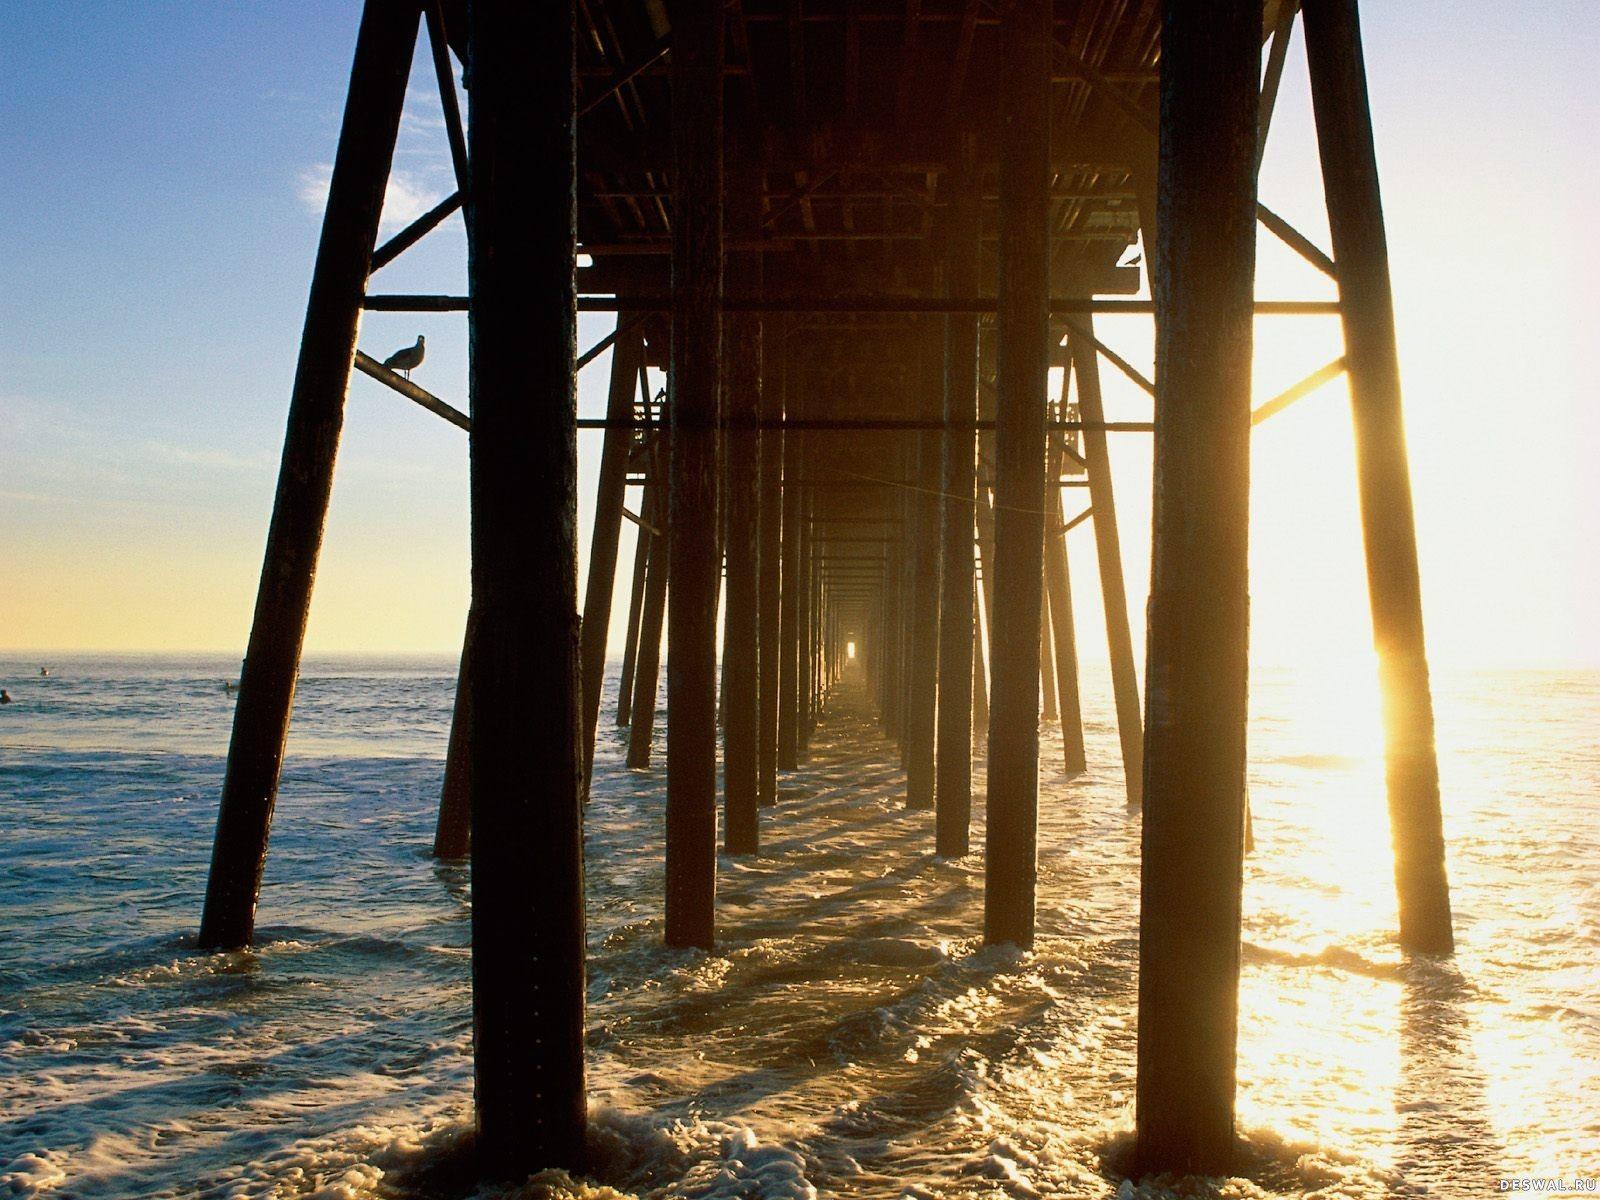 Фото 91.. Нажмите на картинку с обоями природы - пляж, чтобы просмотреть ее в реальном размере